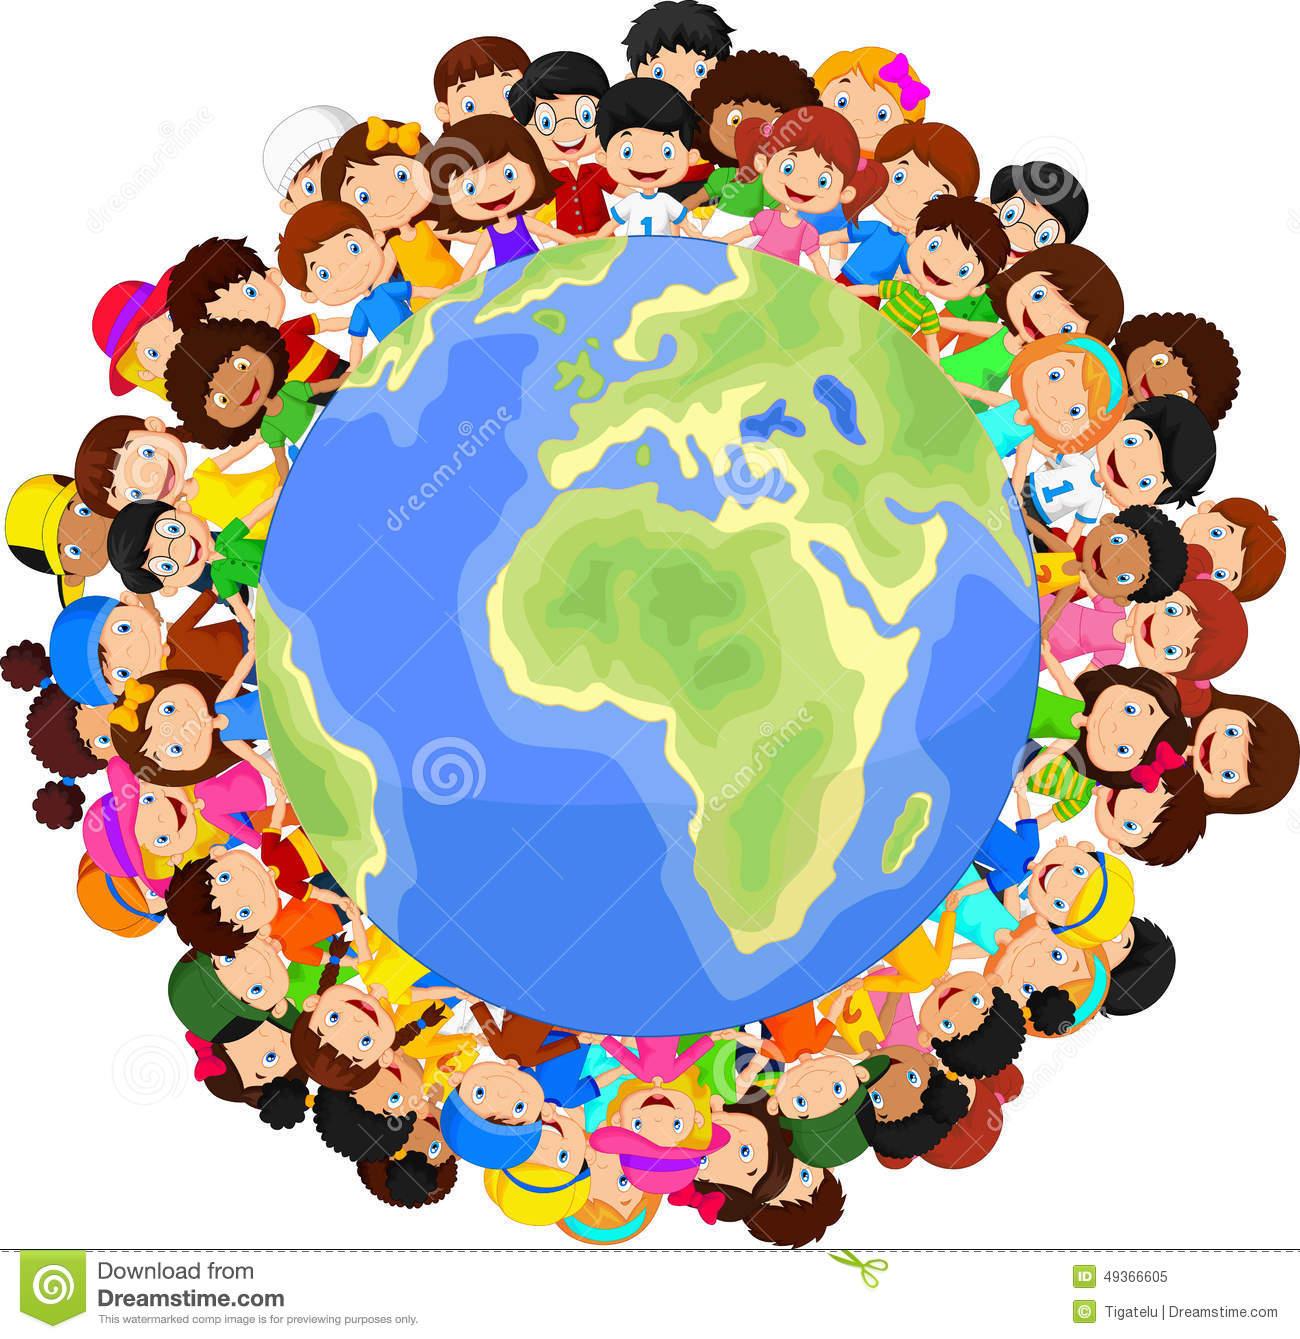 desenhos-animados-multiculturais-das-crianças-na-terra-do-planeta-49366605